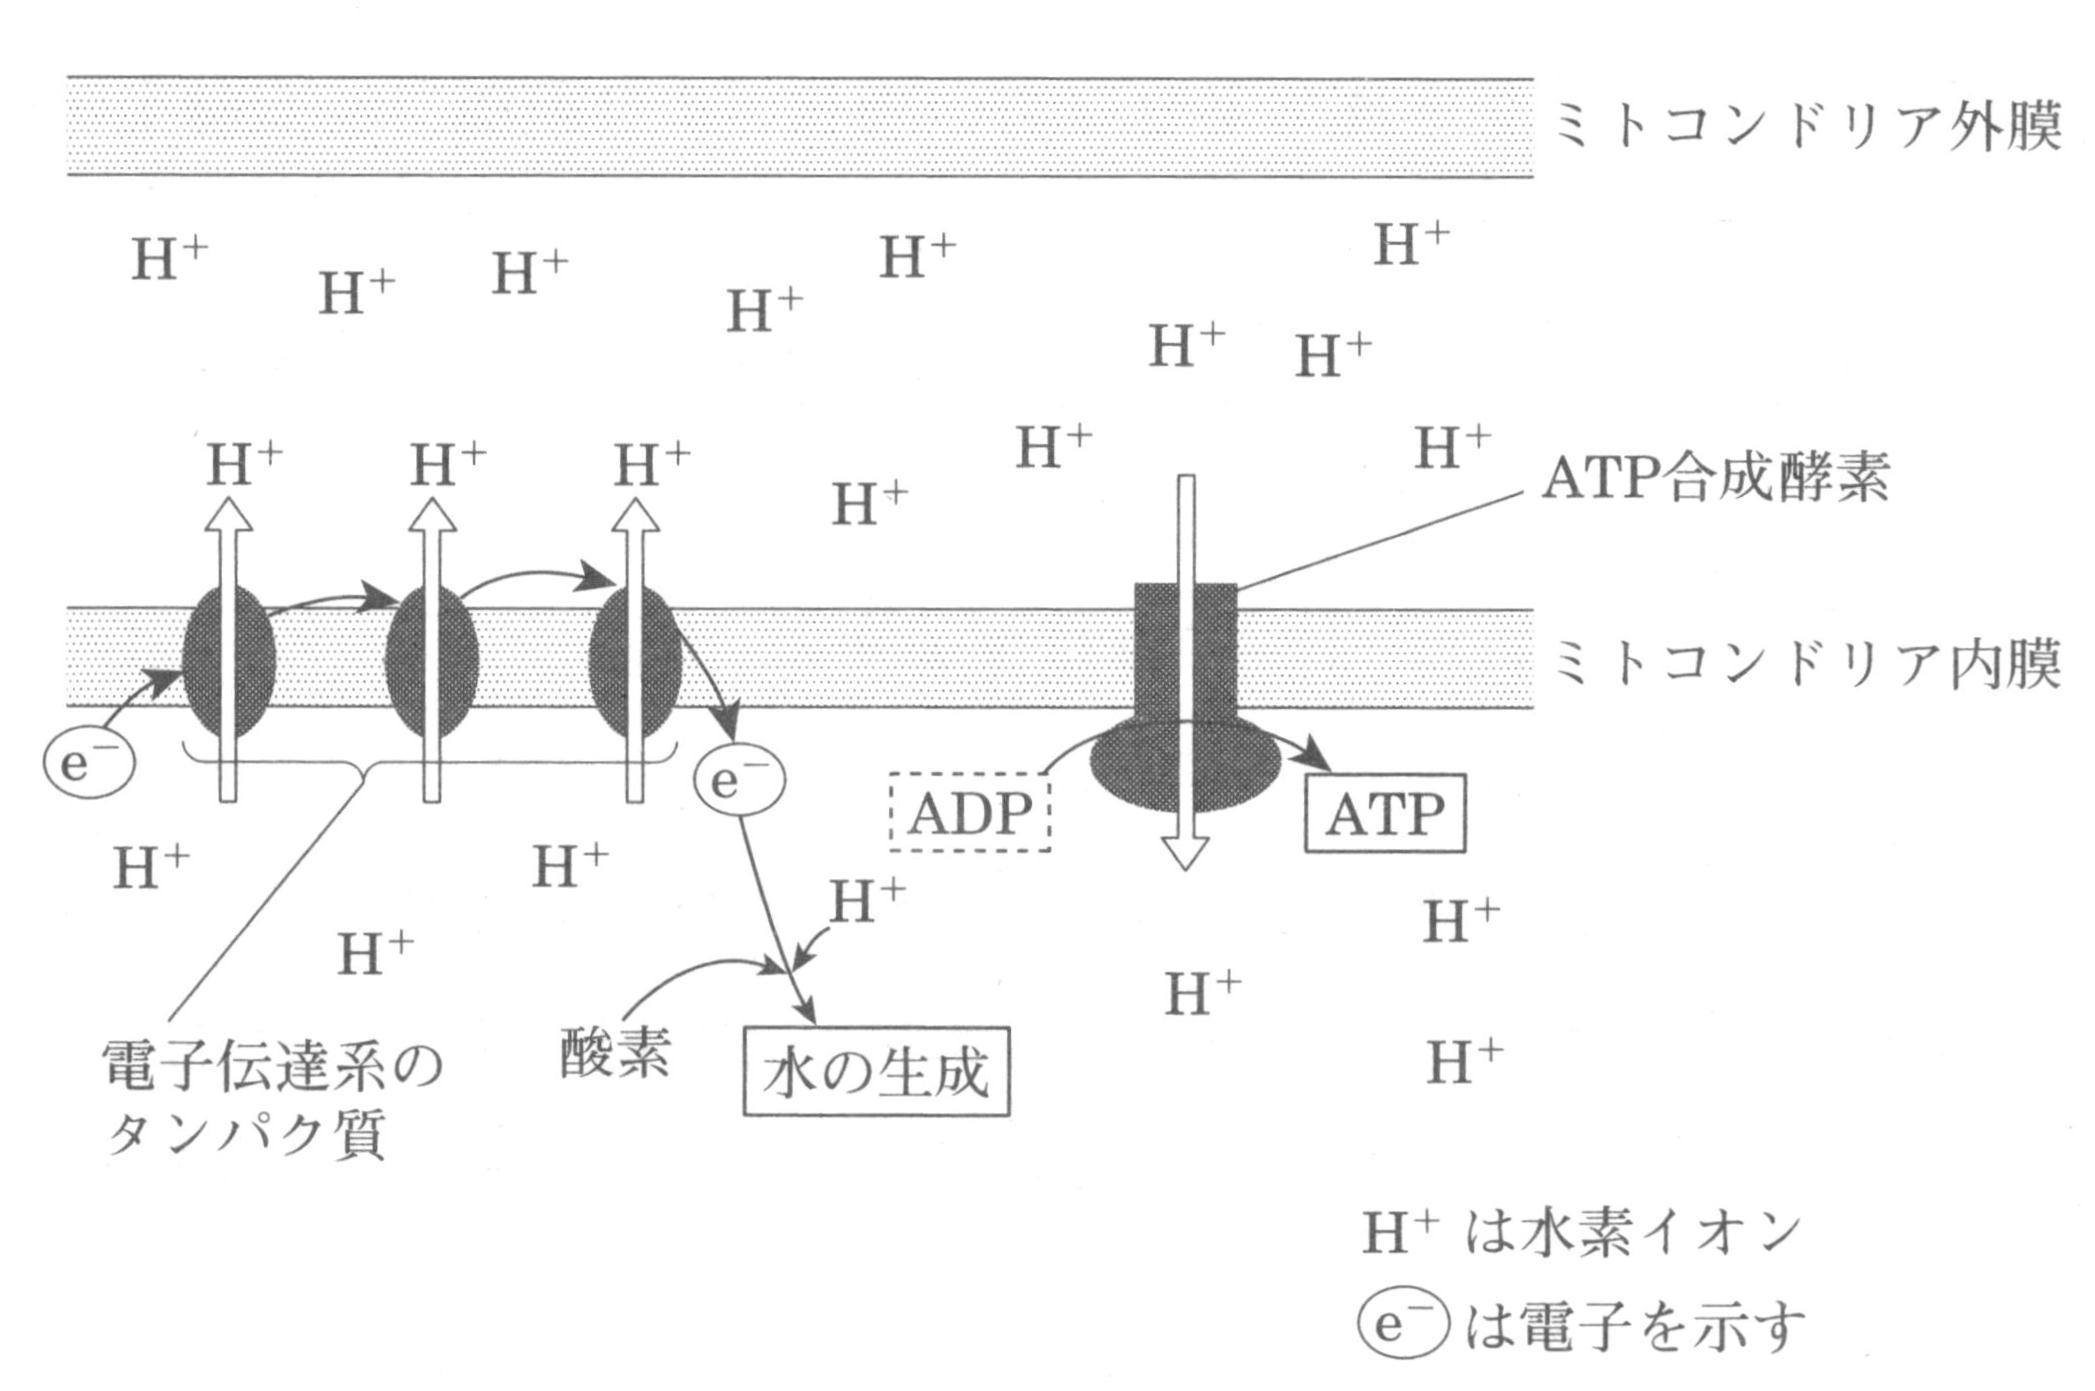 電子伝達のが概略図